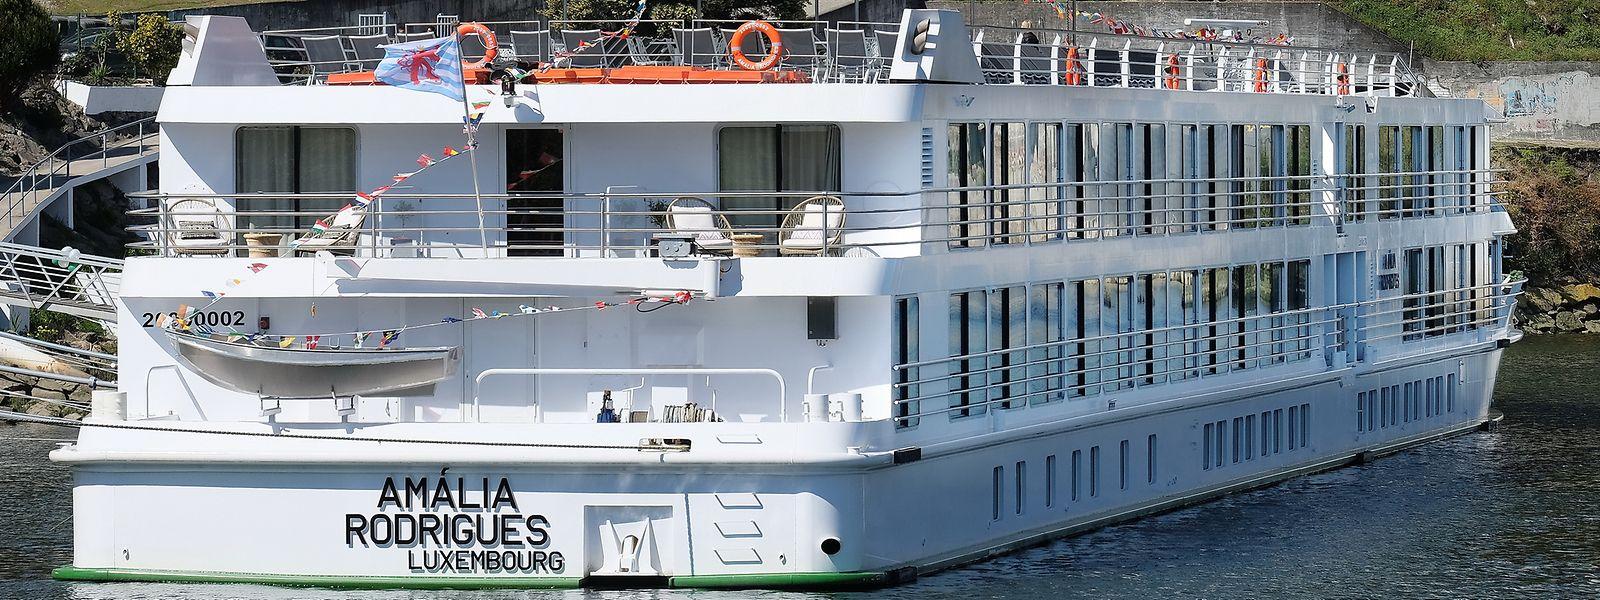 """Das neue Flusskreuzfahrtschiff """"Amália Rodrigues"""" fährt unter Luxemburger Flagge."""